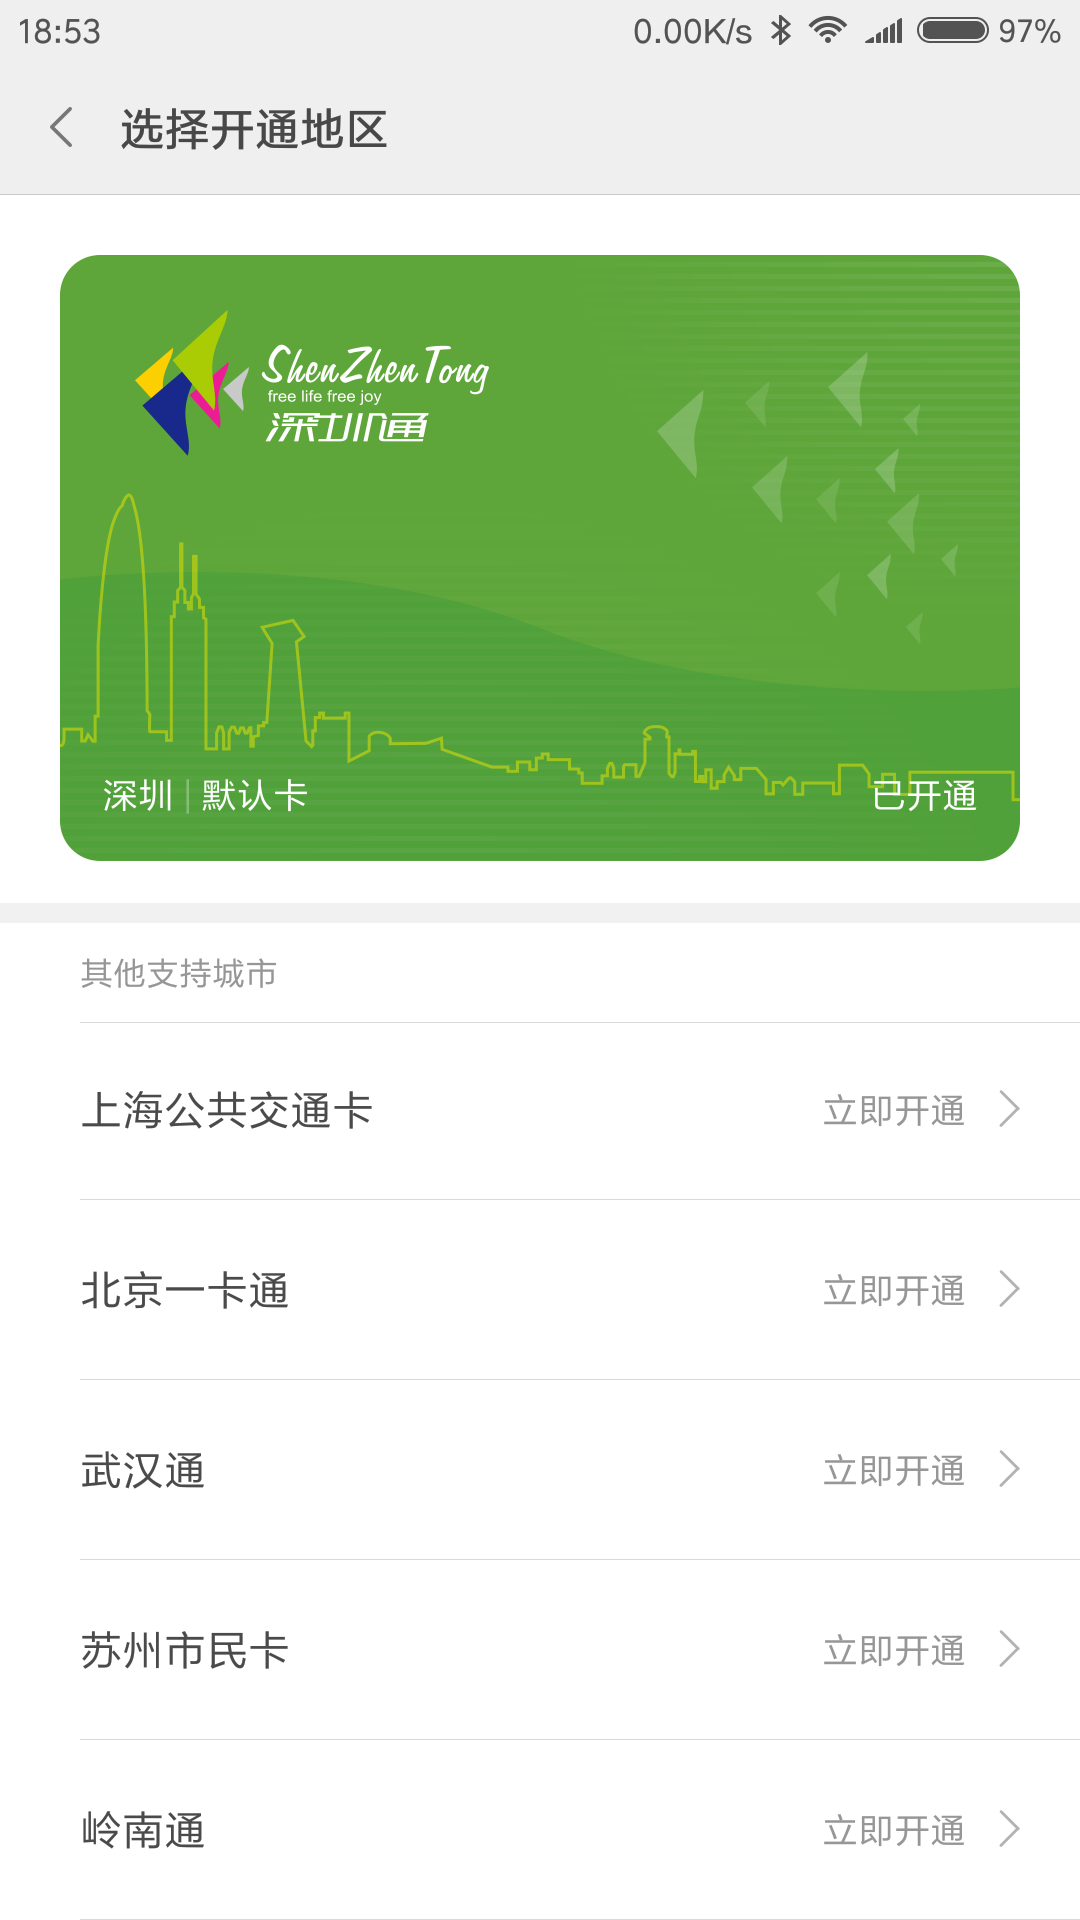 小米已支持6座城市一卡通,杭州重庆也即将开通